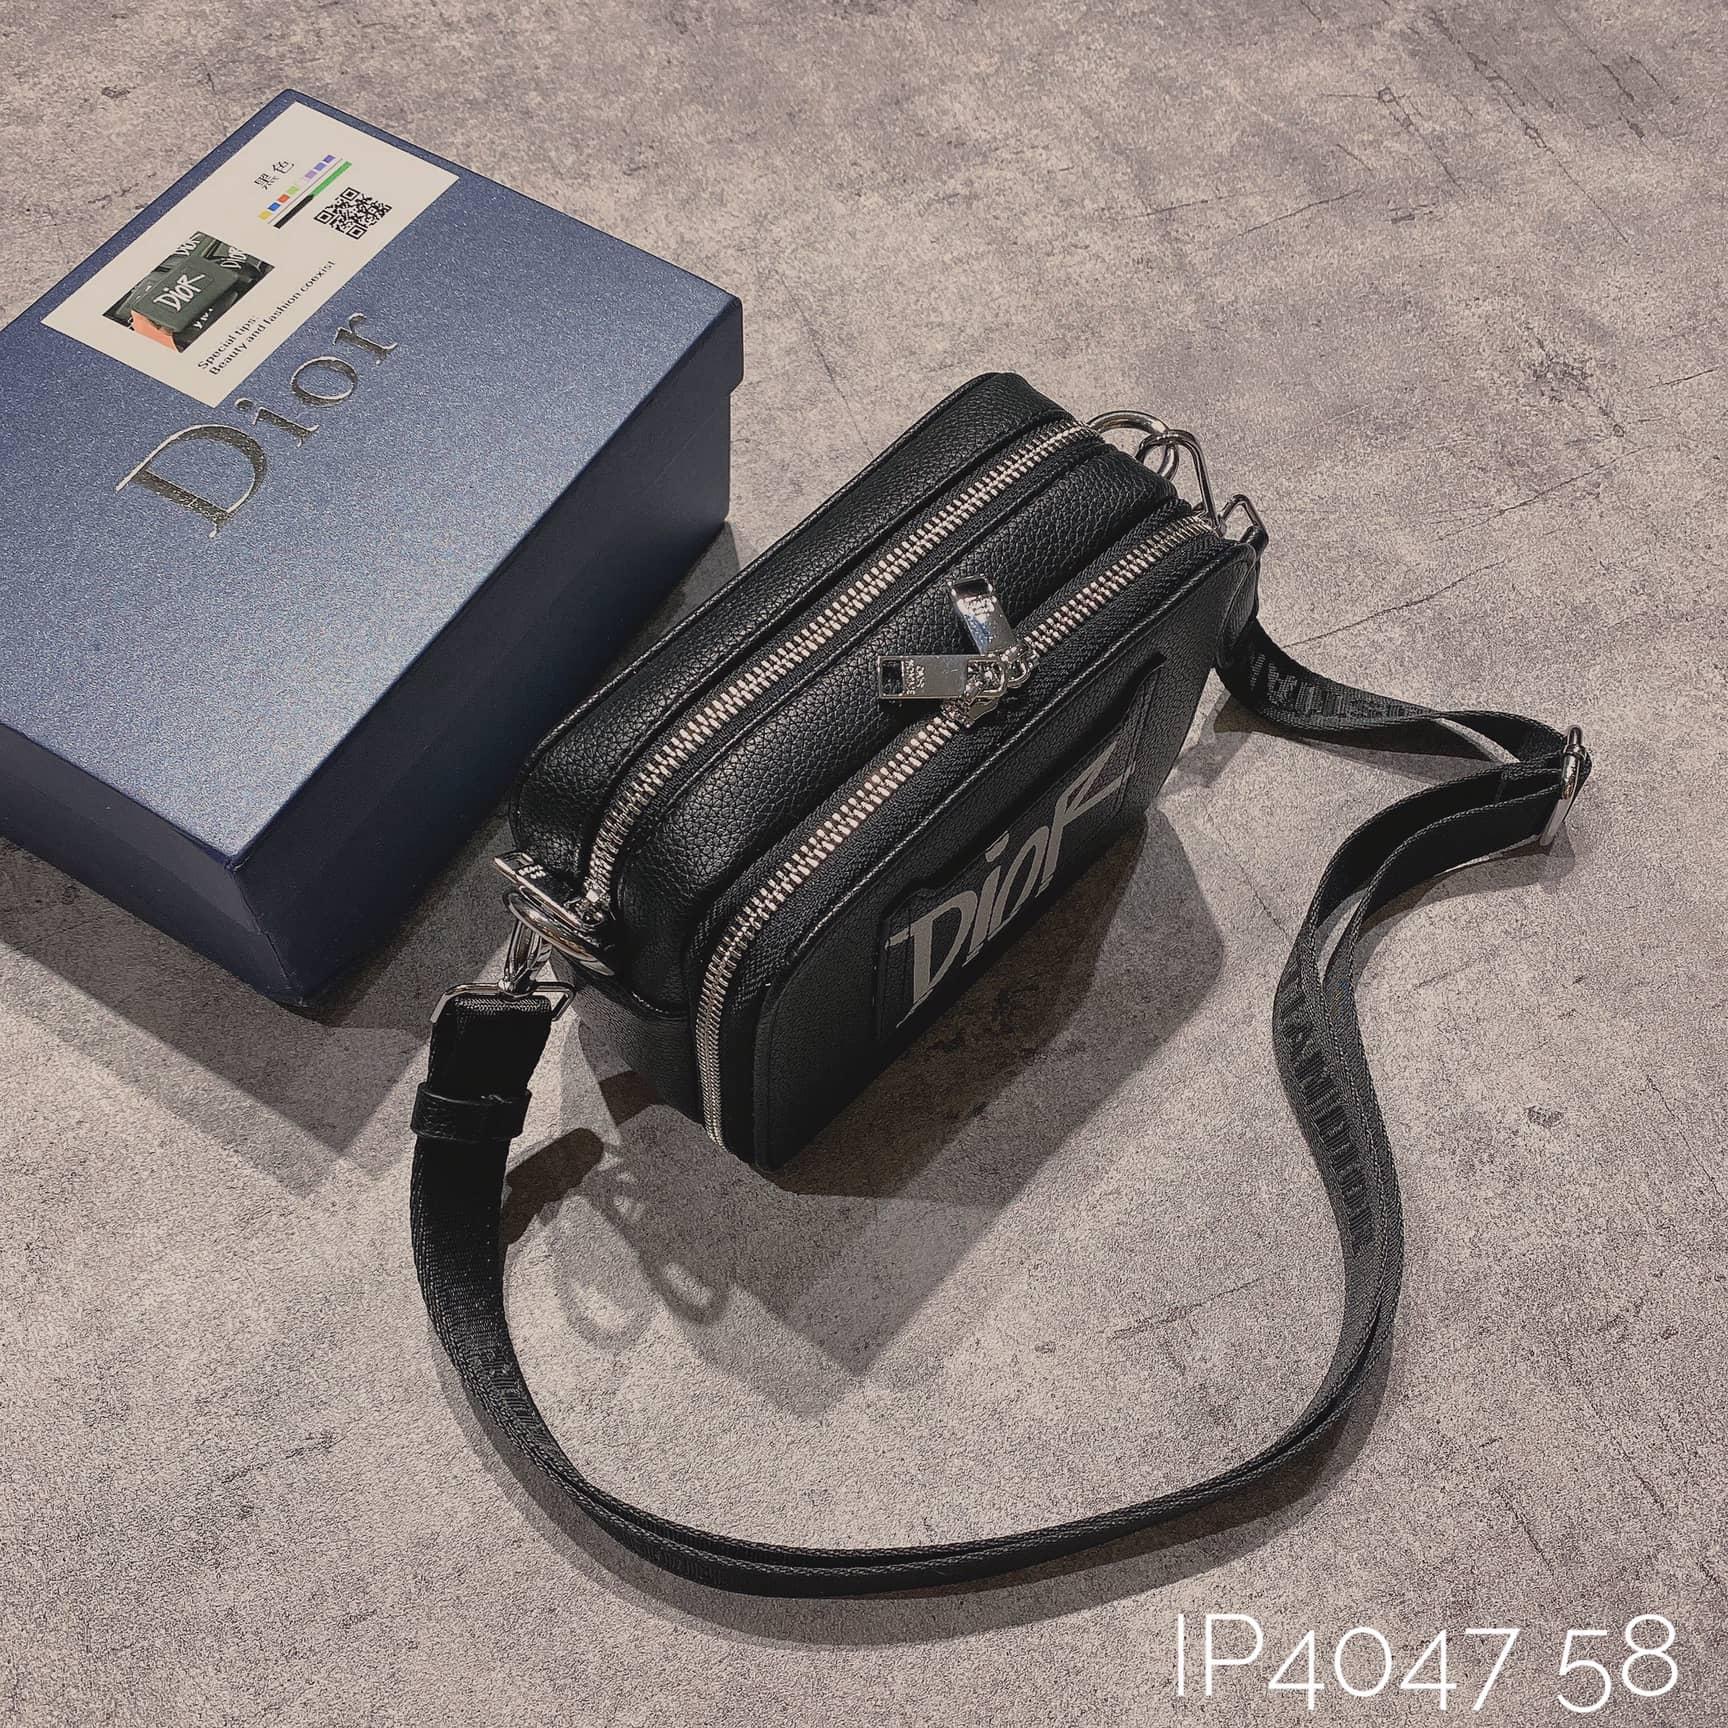 TÚI IP4047